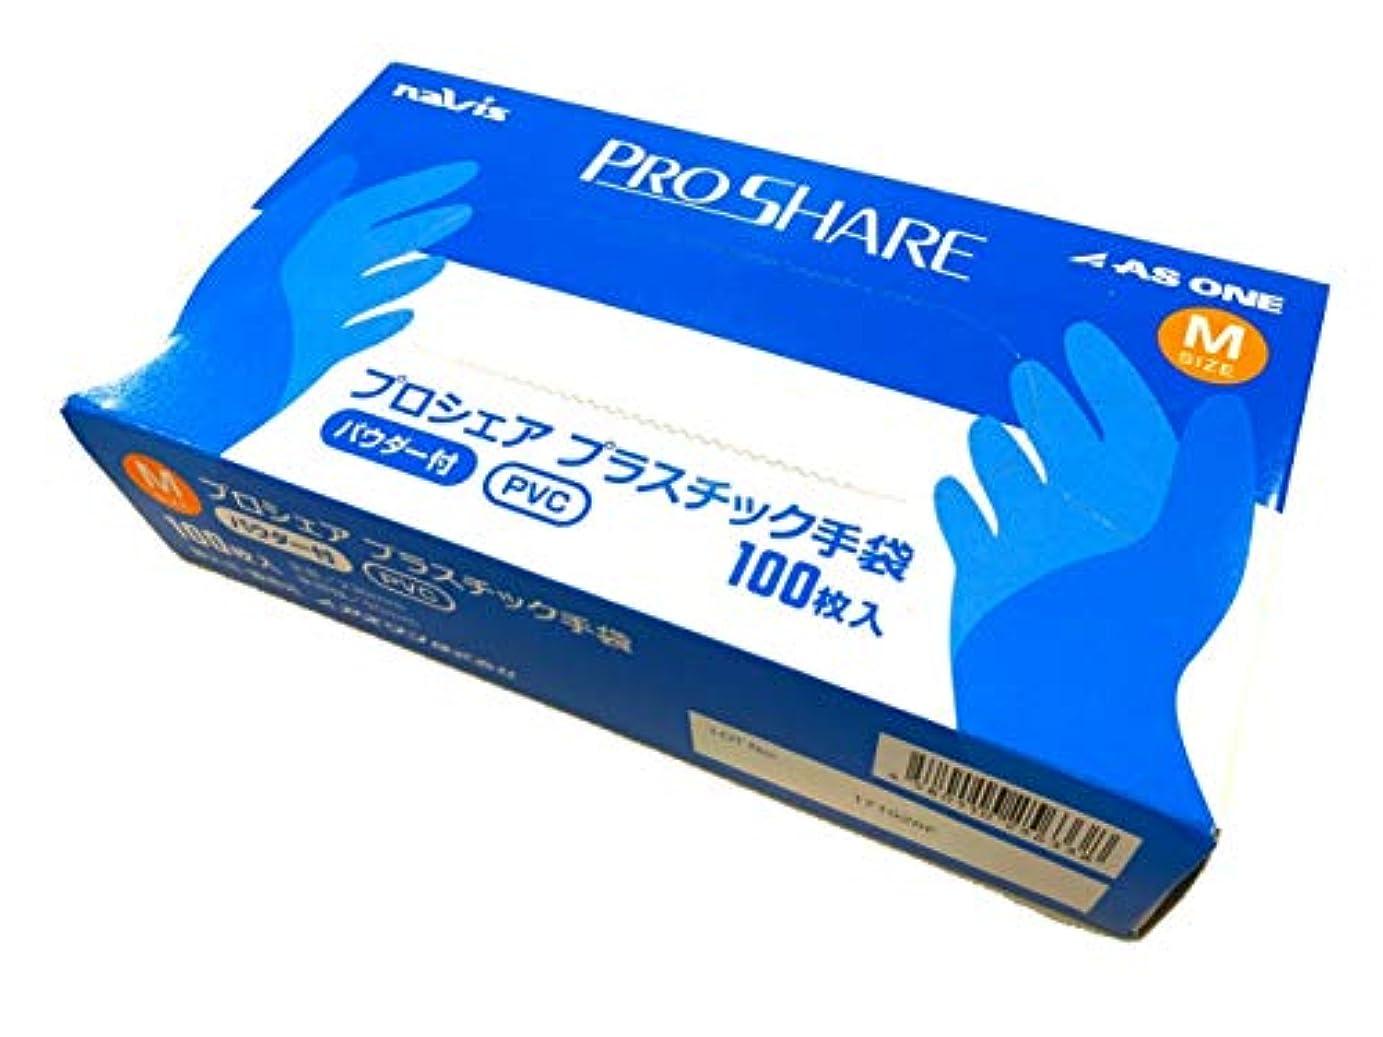 高価なアーサーコナンドイル男性ナビス プロシェア 使い捨て プラスチック手袋 パウダー付 M 1箱(100枚入) / 8-9570-02